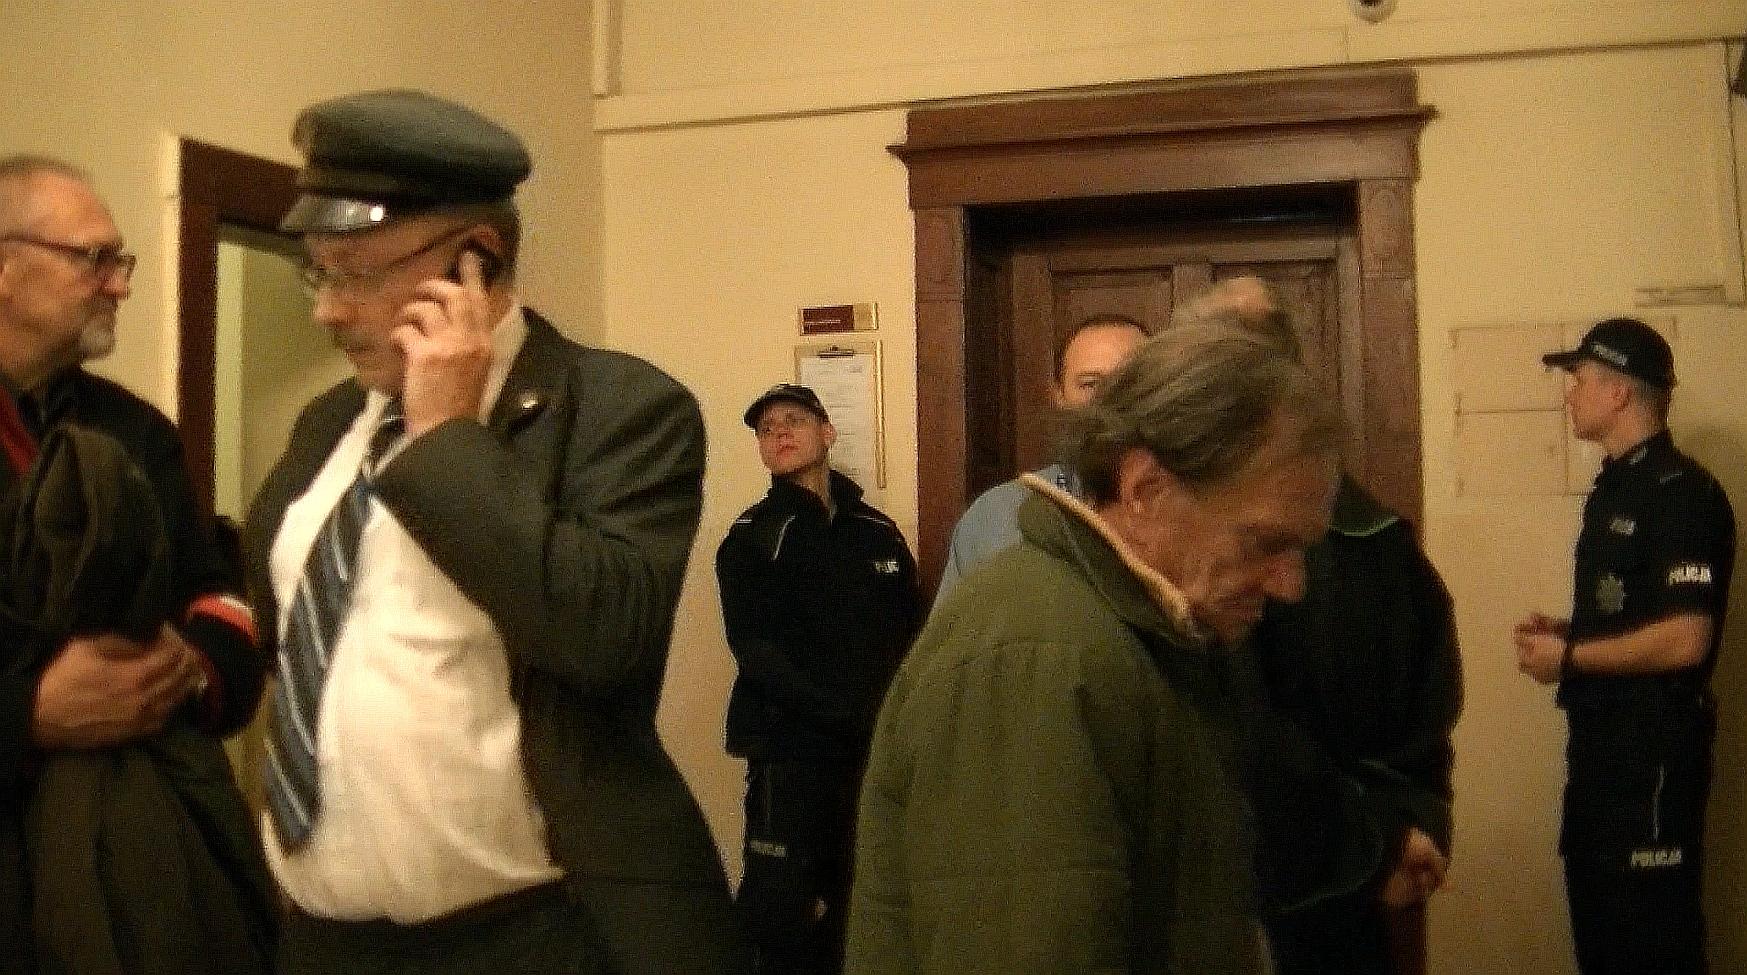 """WOLNY CZYN: """"Jesteś zwykłym komunistycznym bandytą"""". Sąd w Katowicach"""